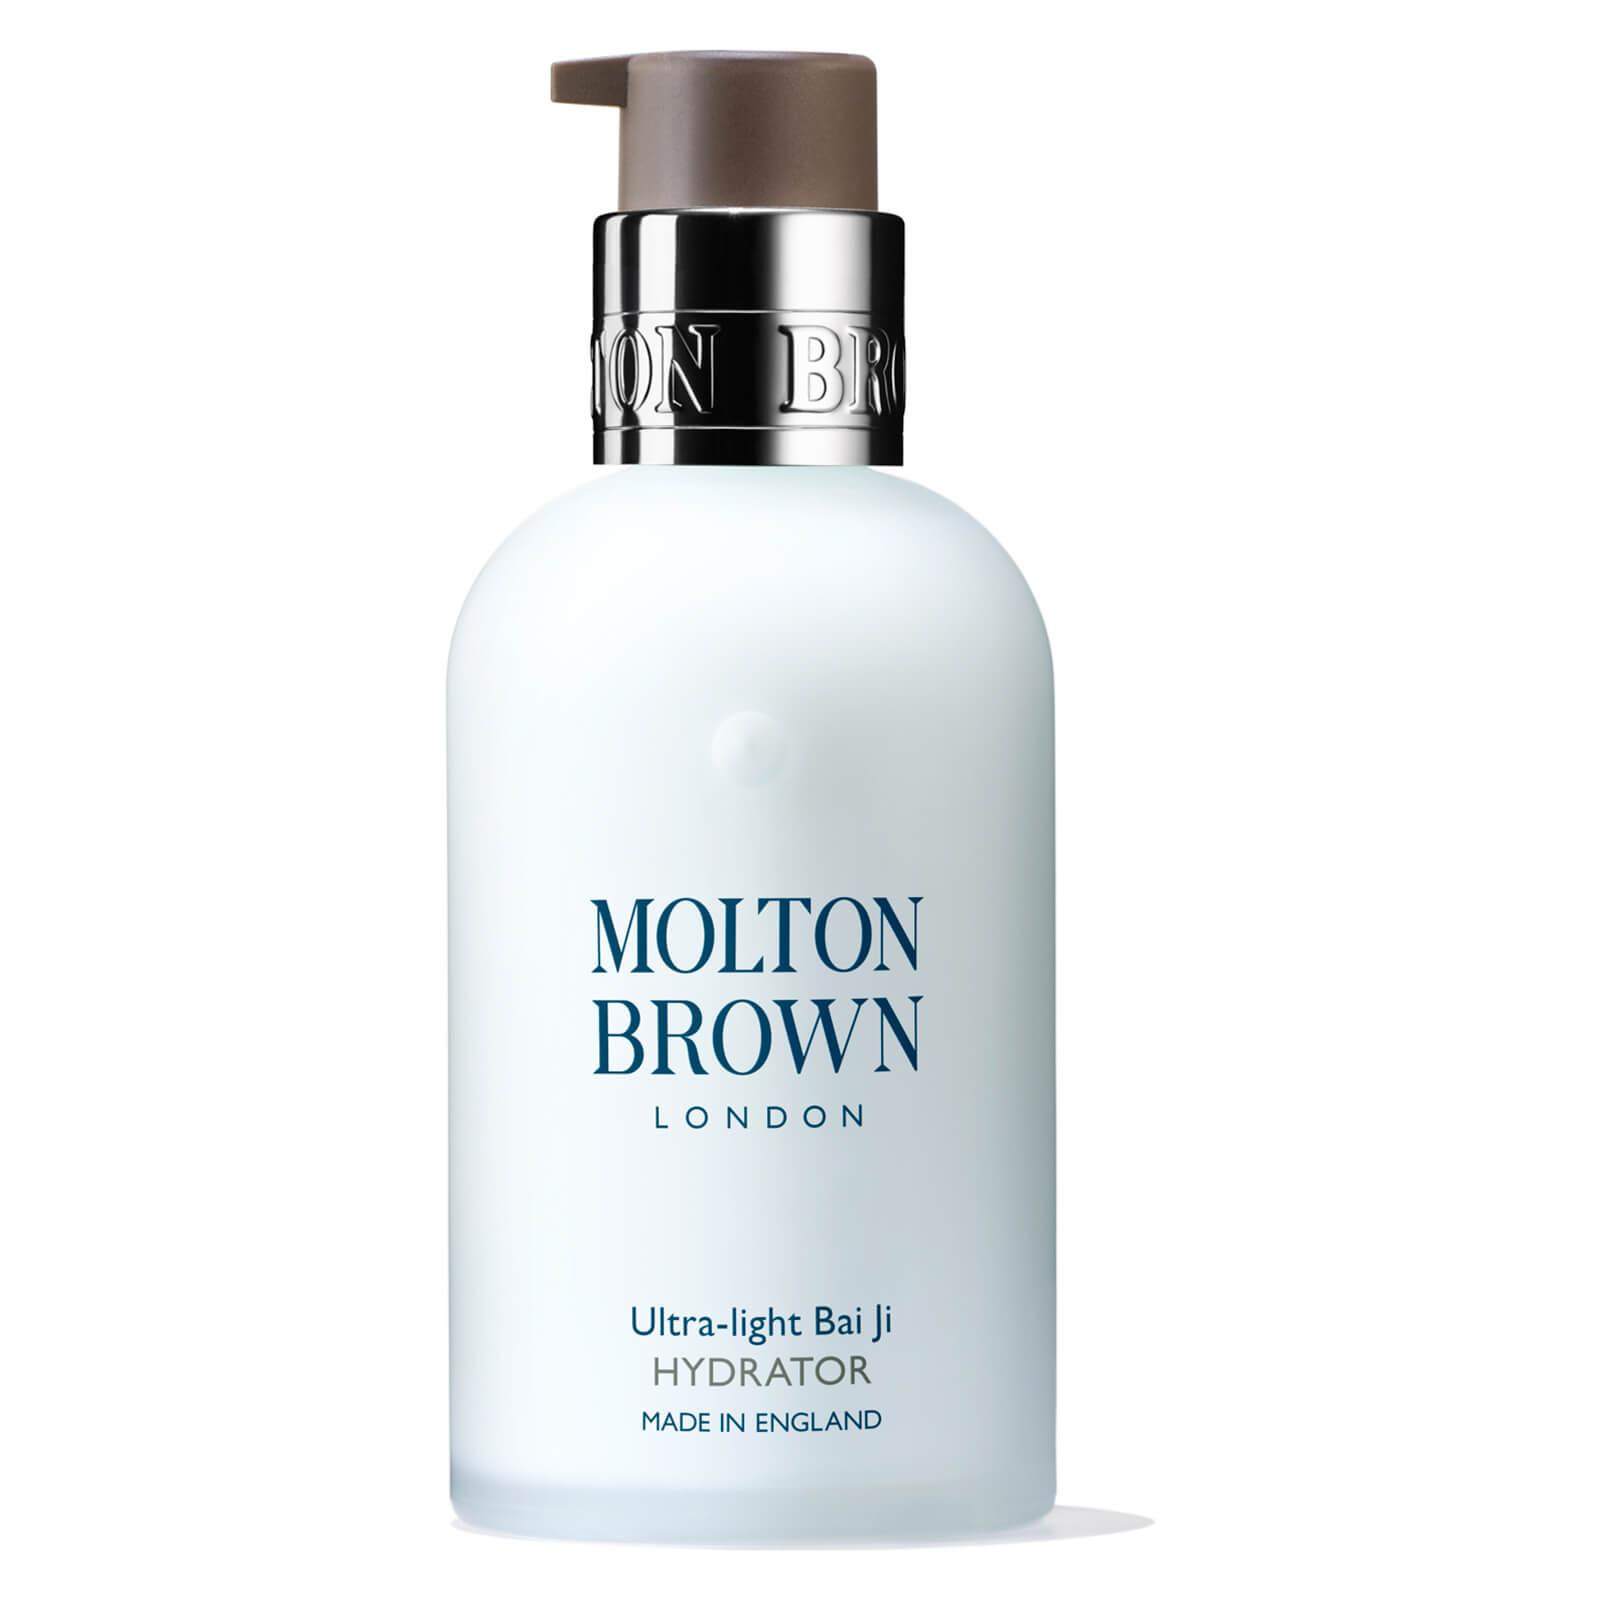 Watch a story about MOLTON BROWN ULTRA LIGHT BAI JI HYDRATOR